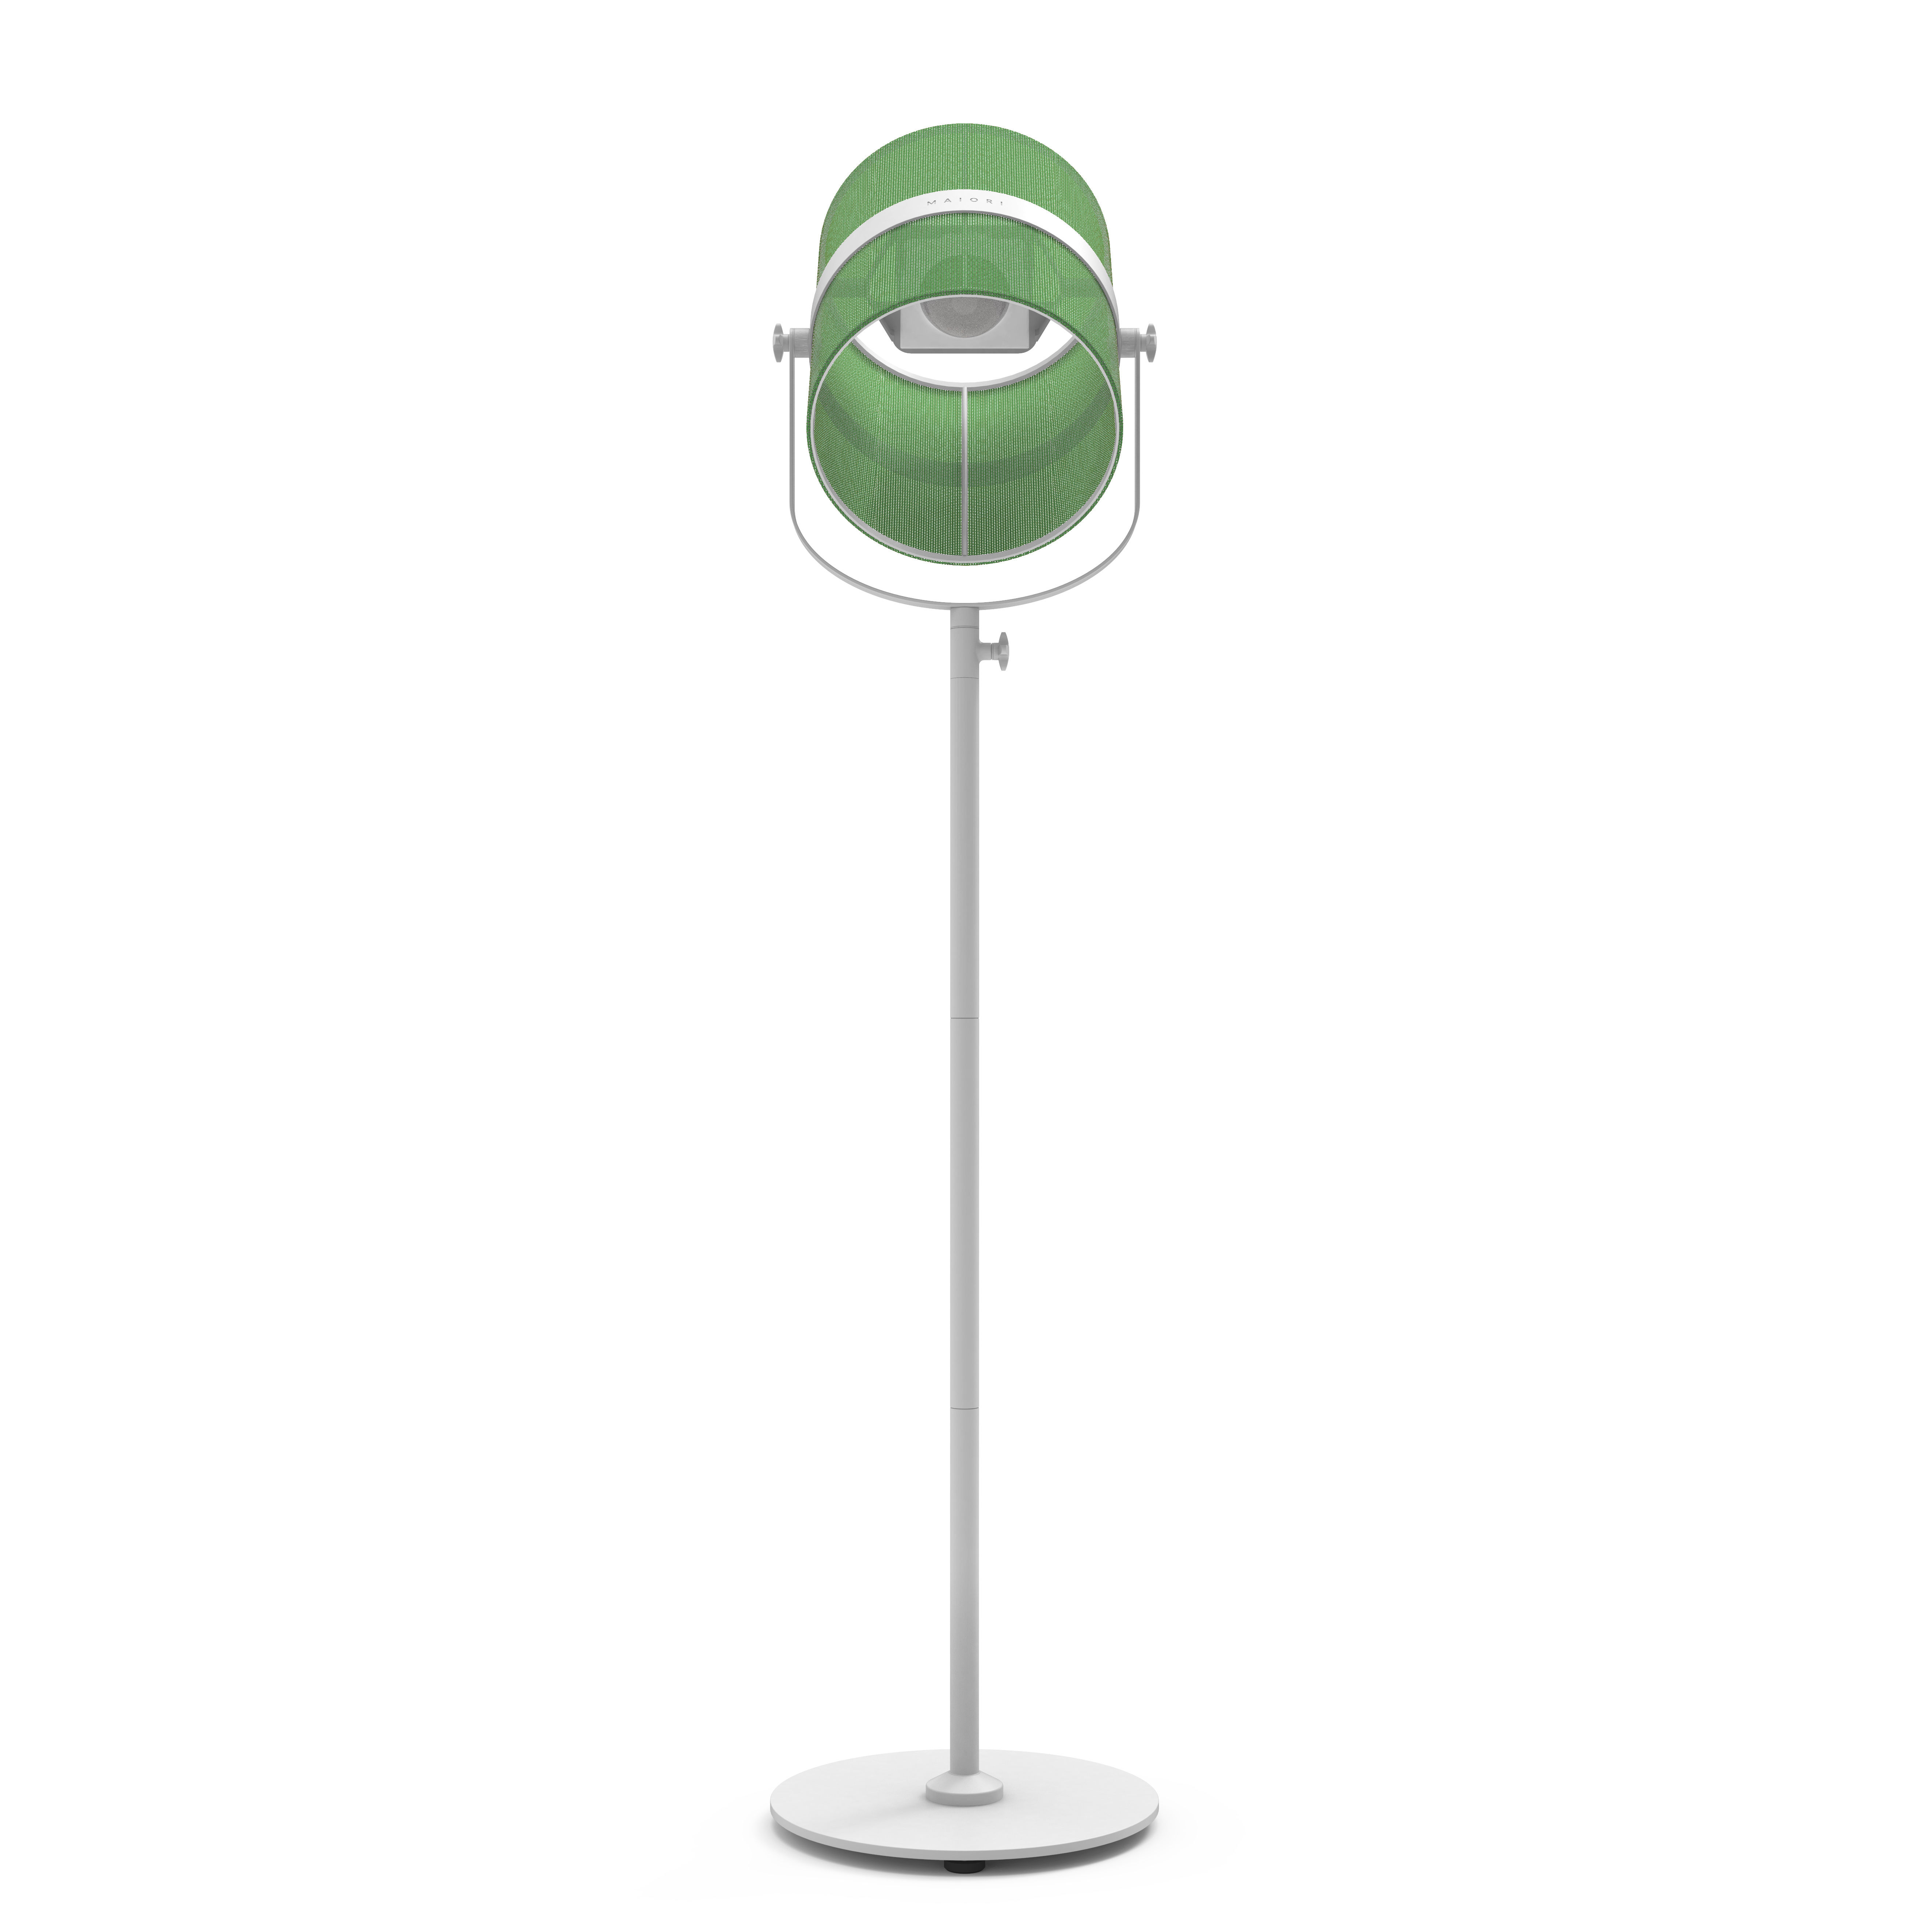 Leuchten - Stehleuchten - La Lampe Paris LED Solarleuchte / kabellos - Maiori - Grasgrün / Ständer weiß - bemaltes Aluminium, Gewebe